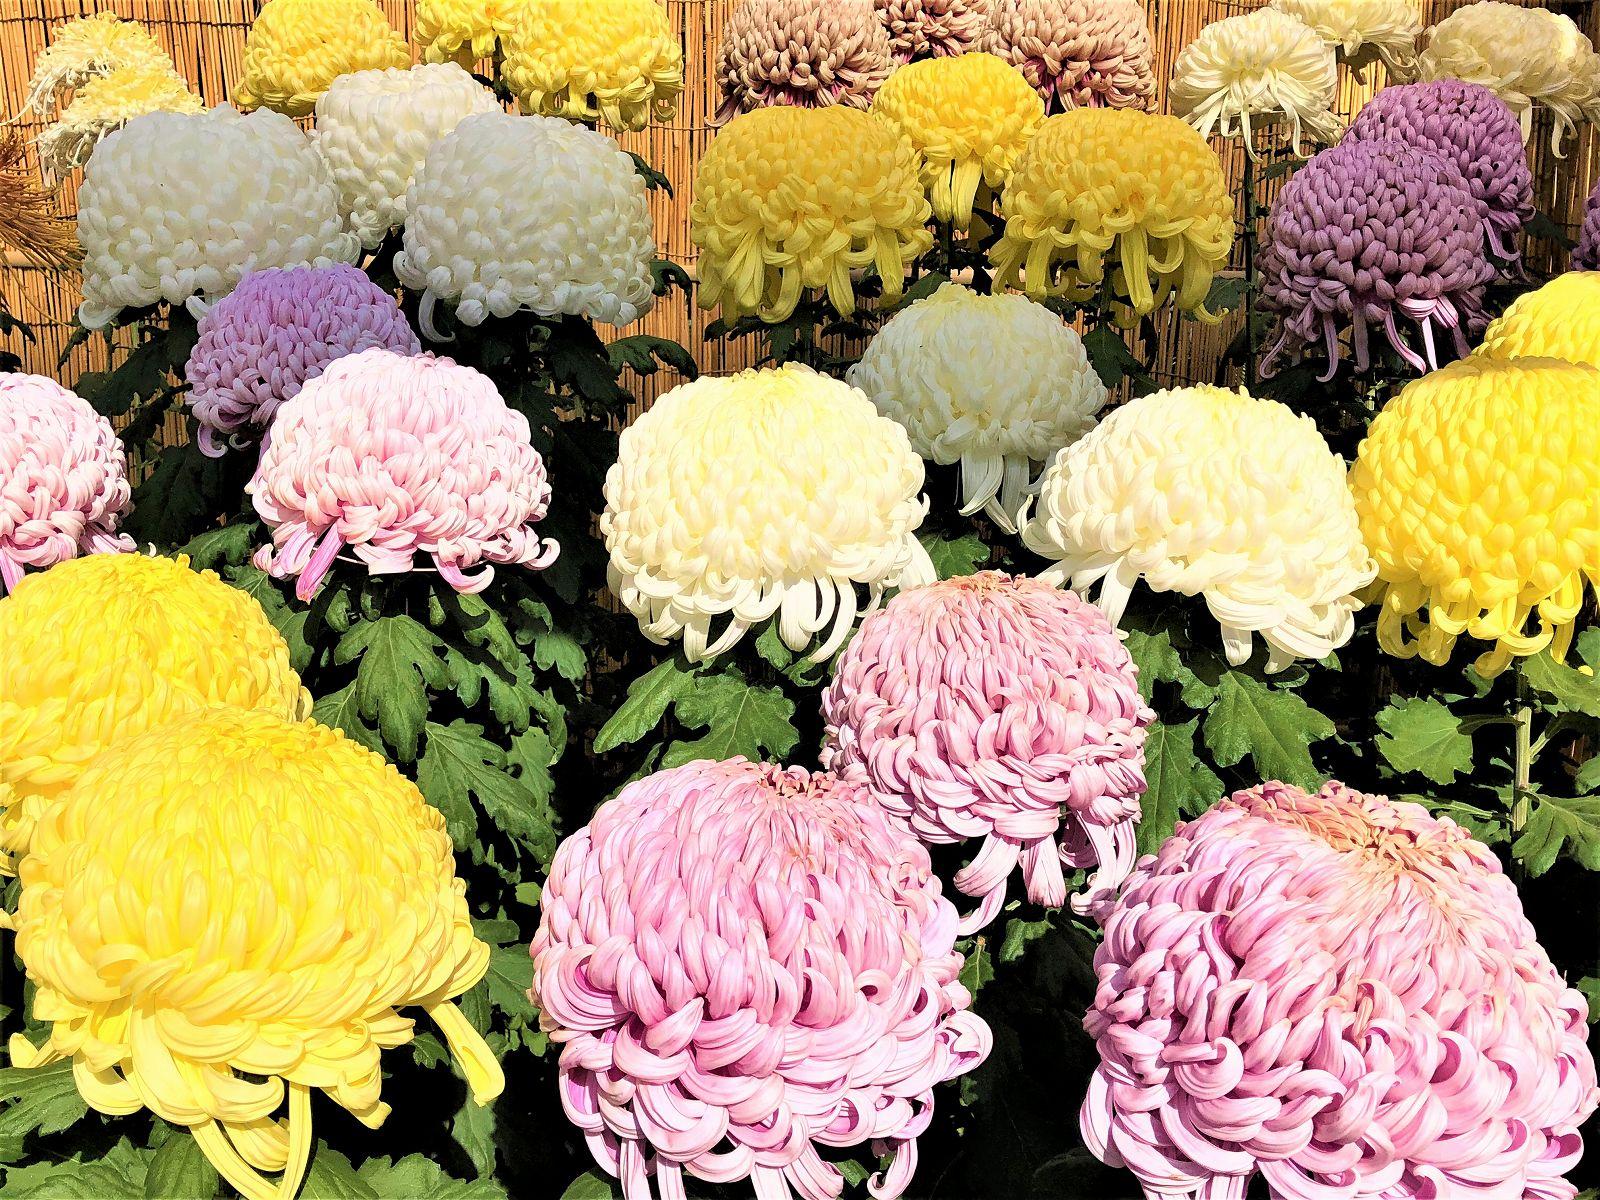 「第67回 神戸菊花展」が10月20日~11月23日まで開催中!相楽園で美しい菊と「旧小寺家厩舎」を堪能してきた! #神戸菊花展 #相楽園 #旧小寺家厩舎 #近代建築 #神戸観光 #河合浩蔵